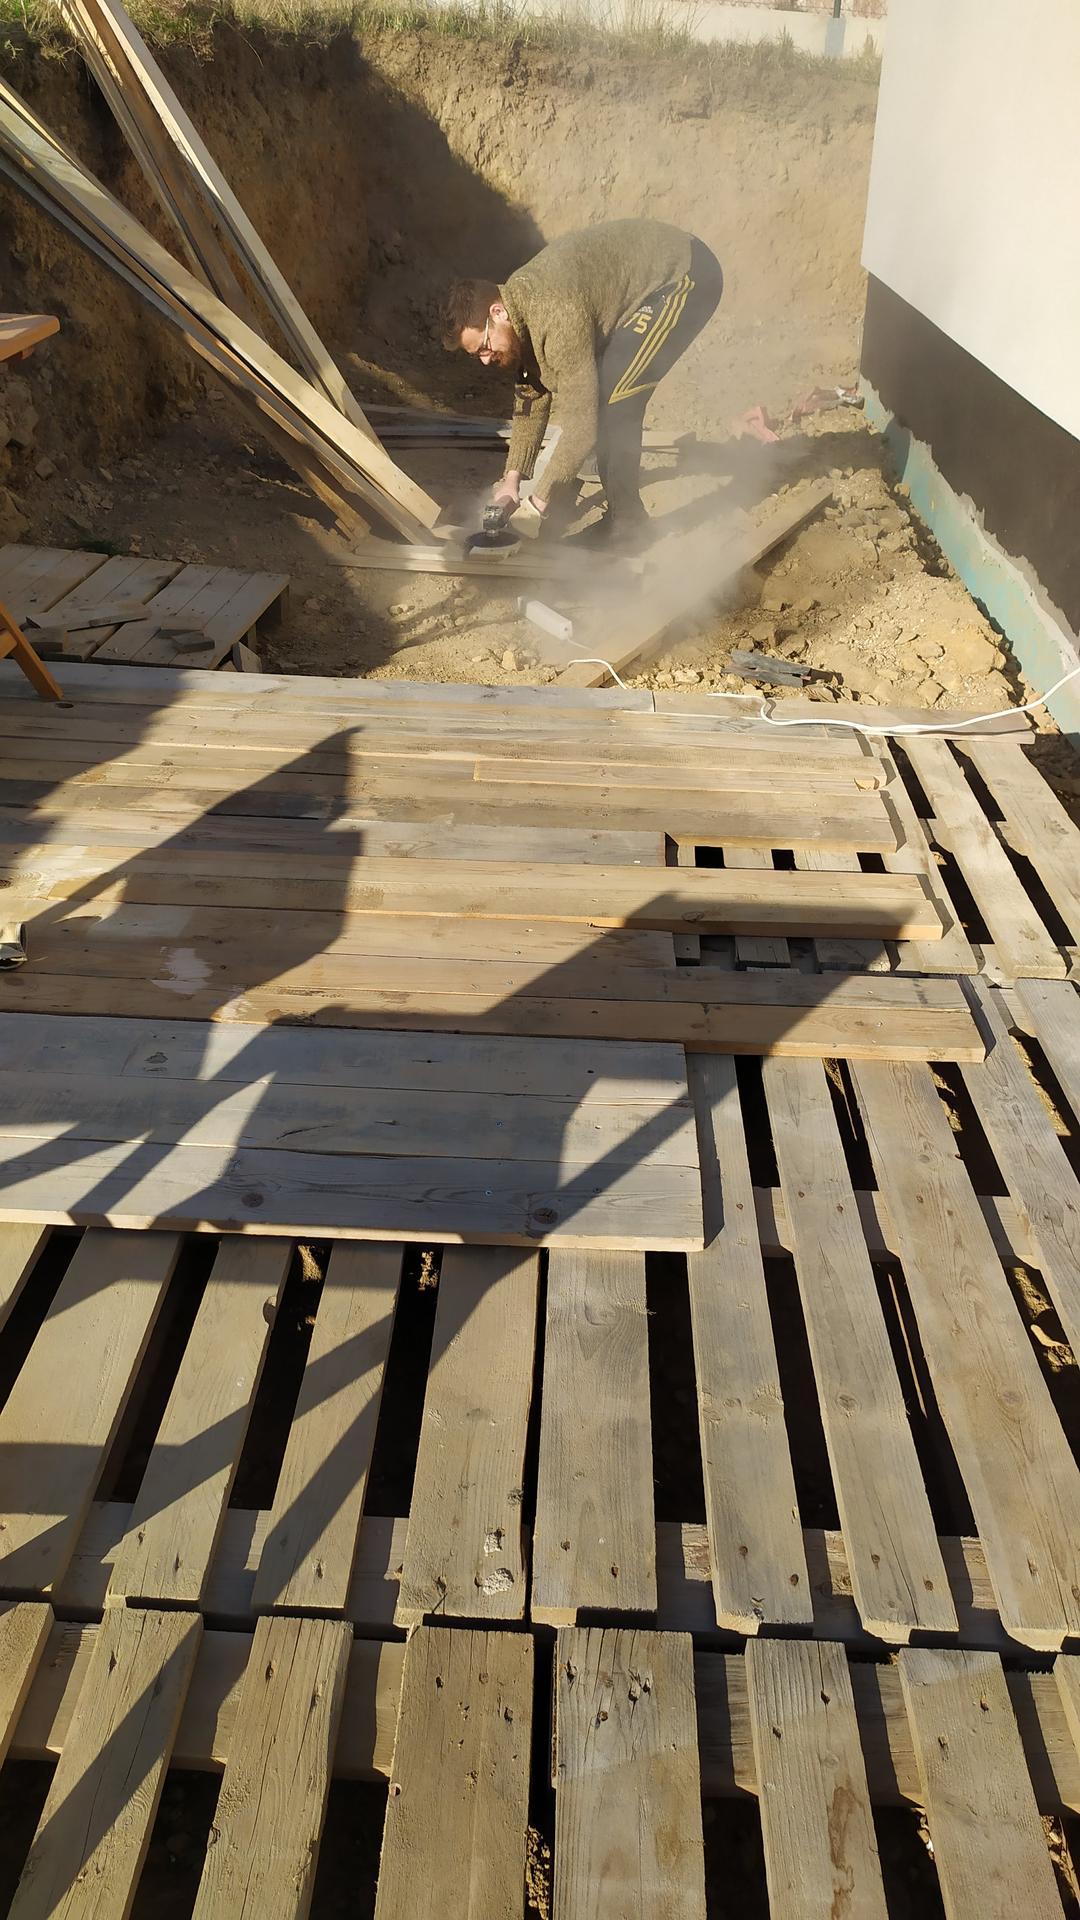 Náš domov ve svahu - Letos jsme se rozhodli udělat prozatimní terasy svépomocí - z palet a prken co nám a sousedům zbyly ze stavby